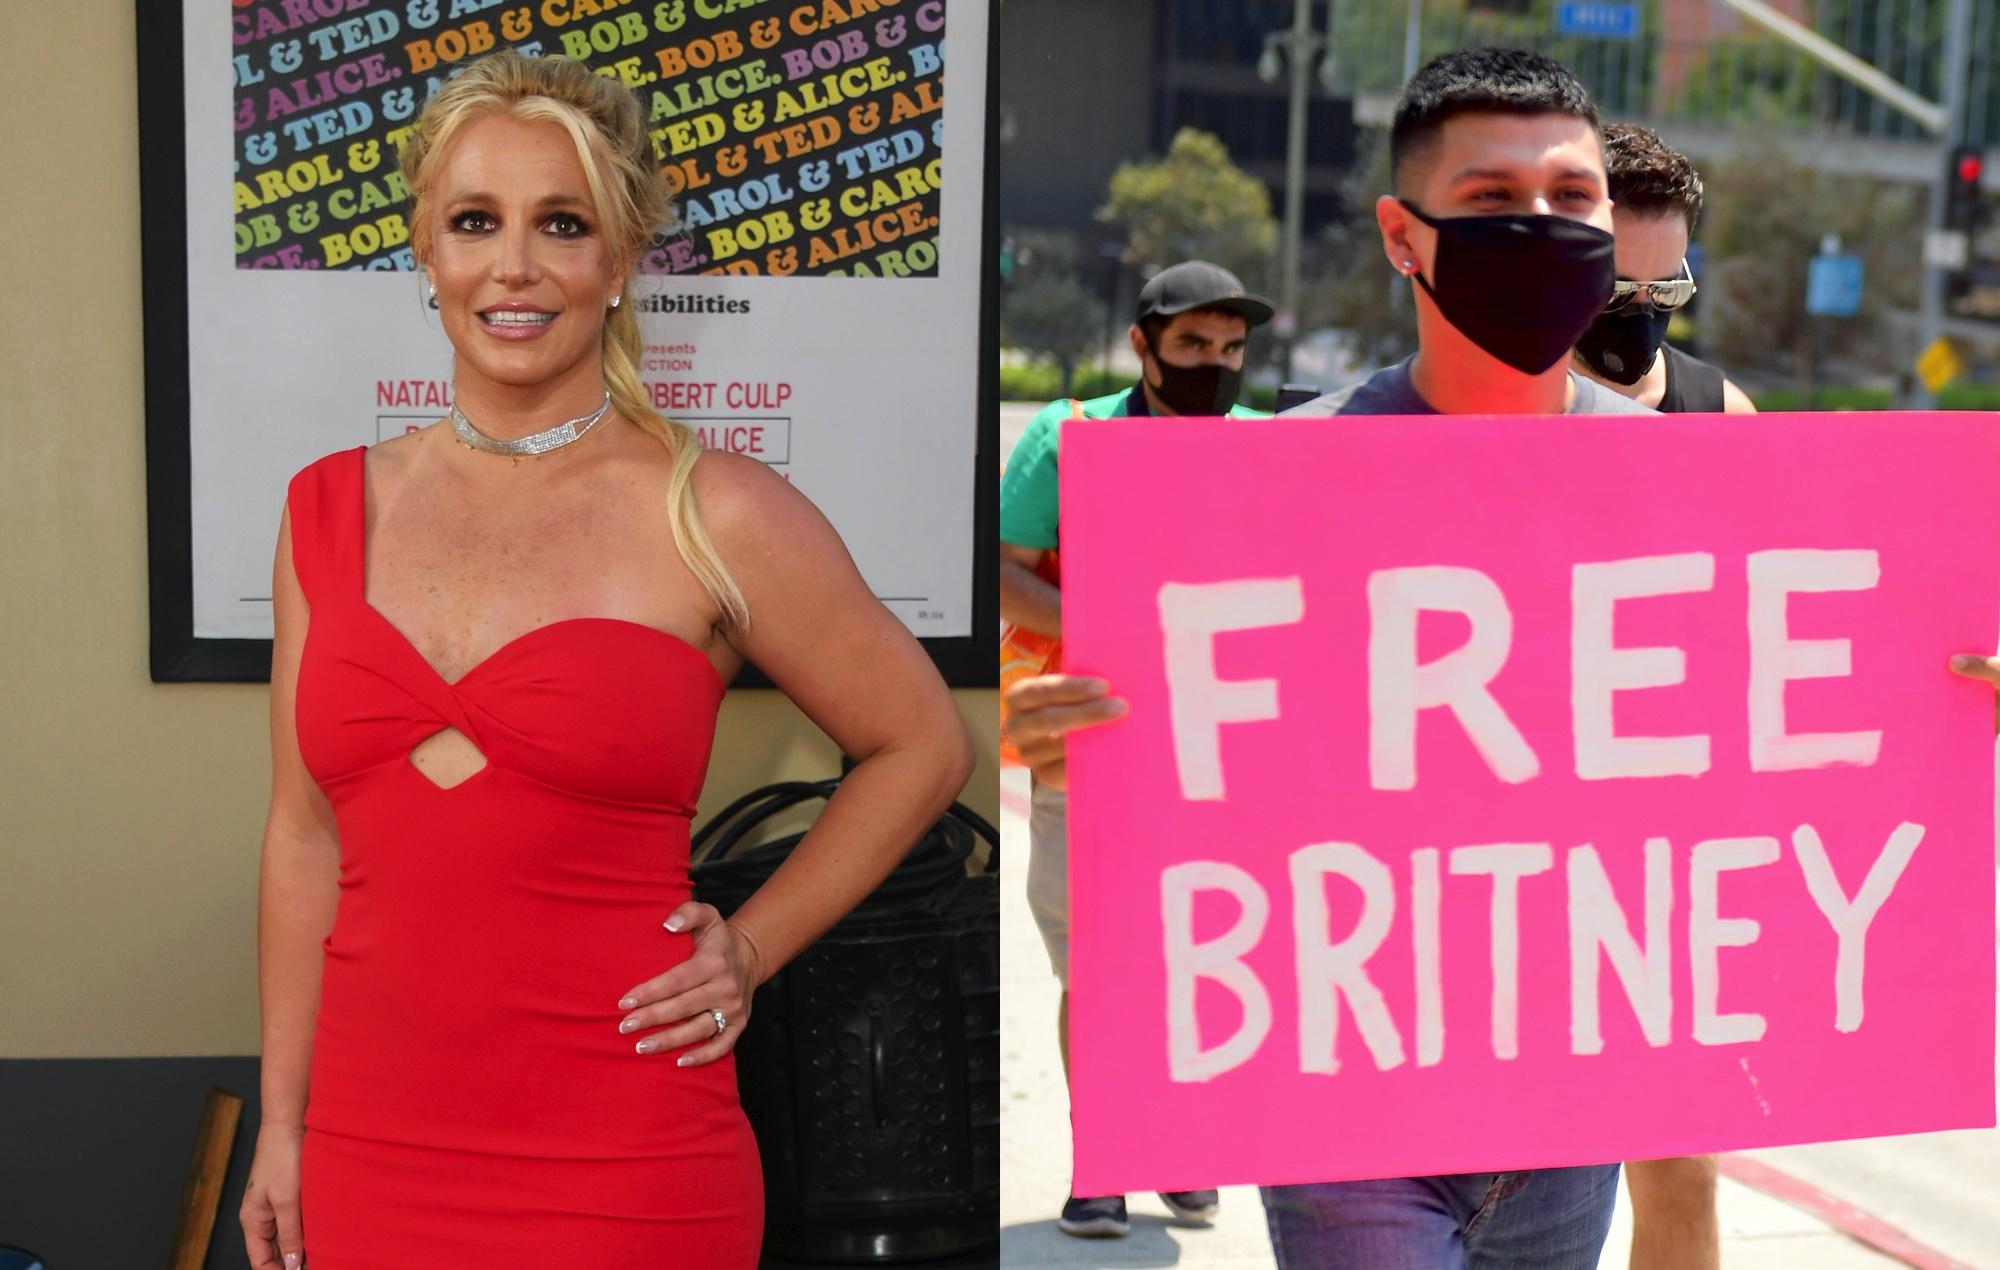 Движение #FreeBritney